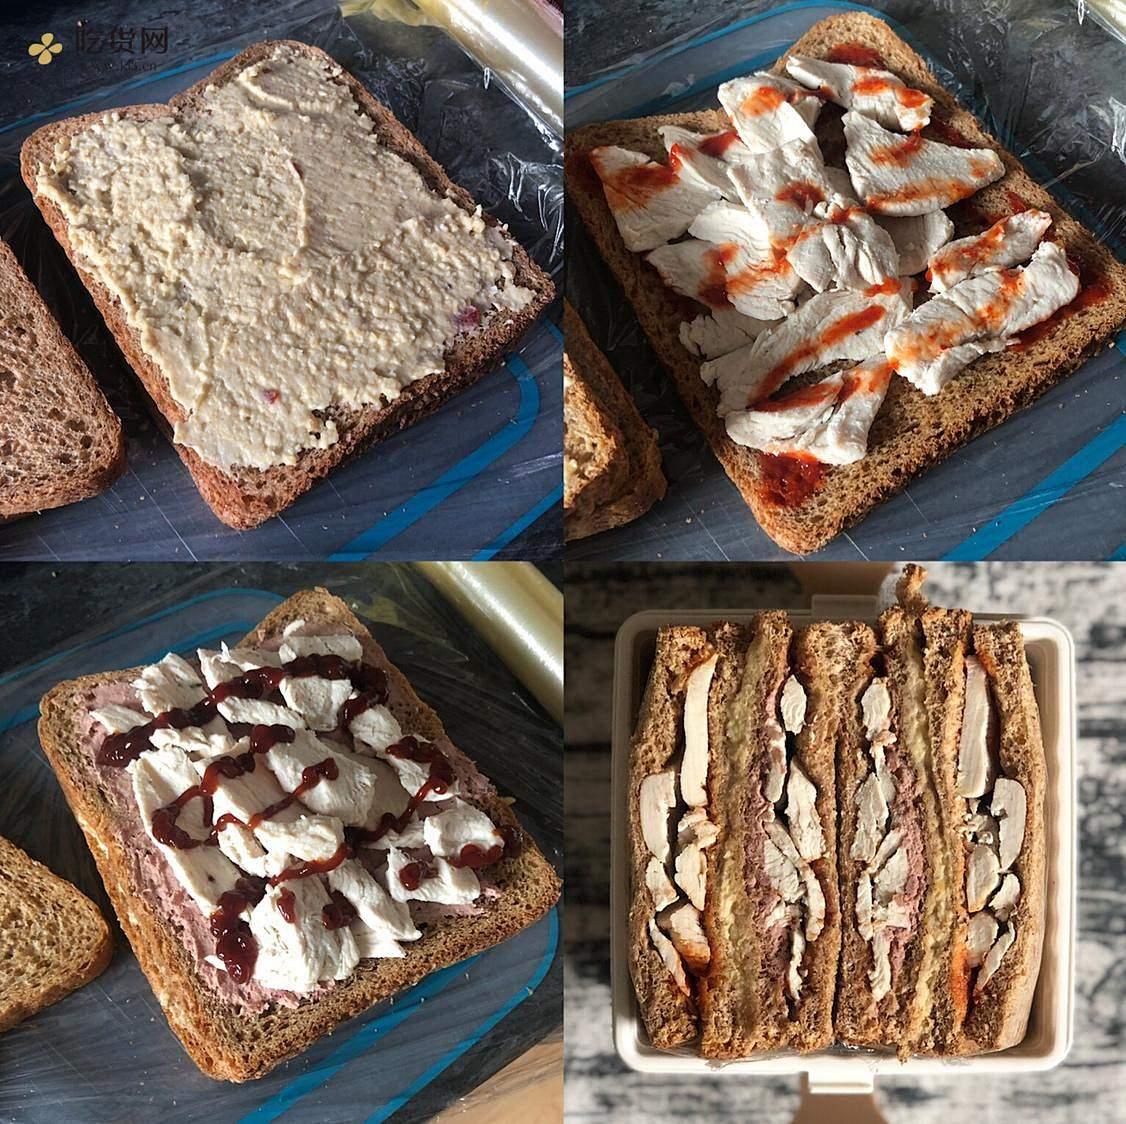 视觉味觉爆炸的全麦三明治系列|减脂万能公式 欢迎来玩!的做法 步骤32